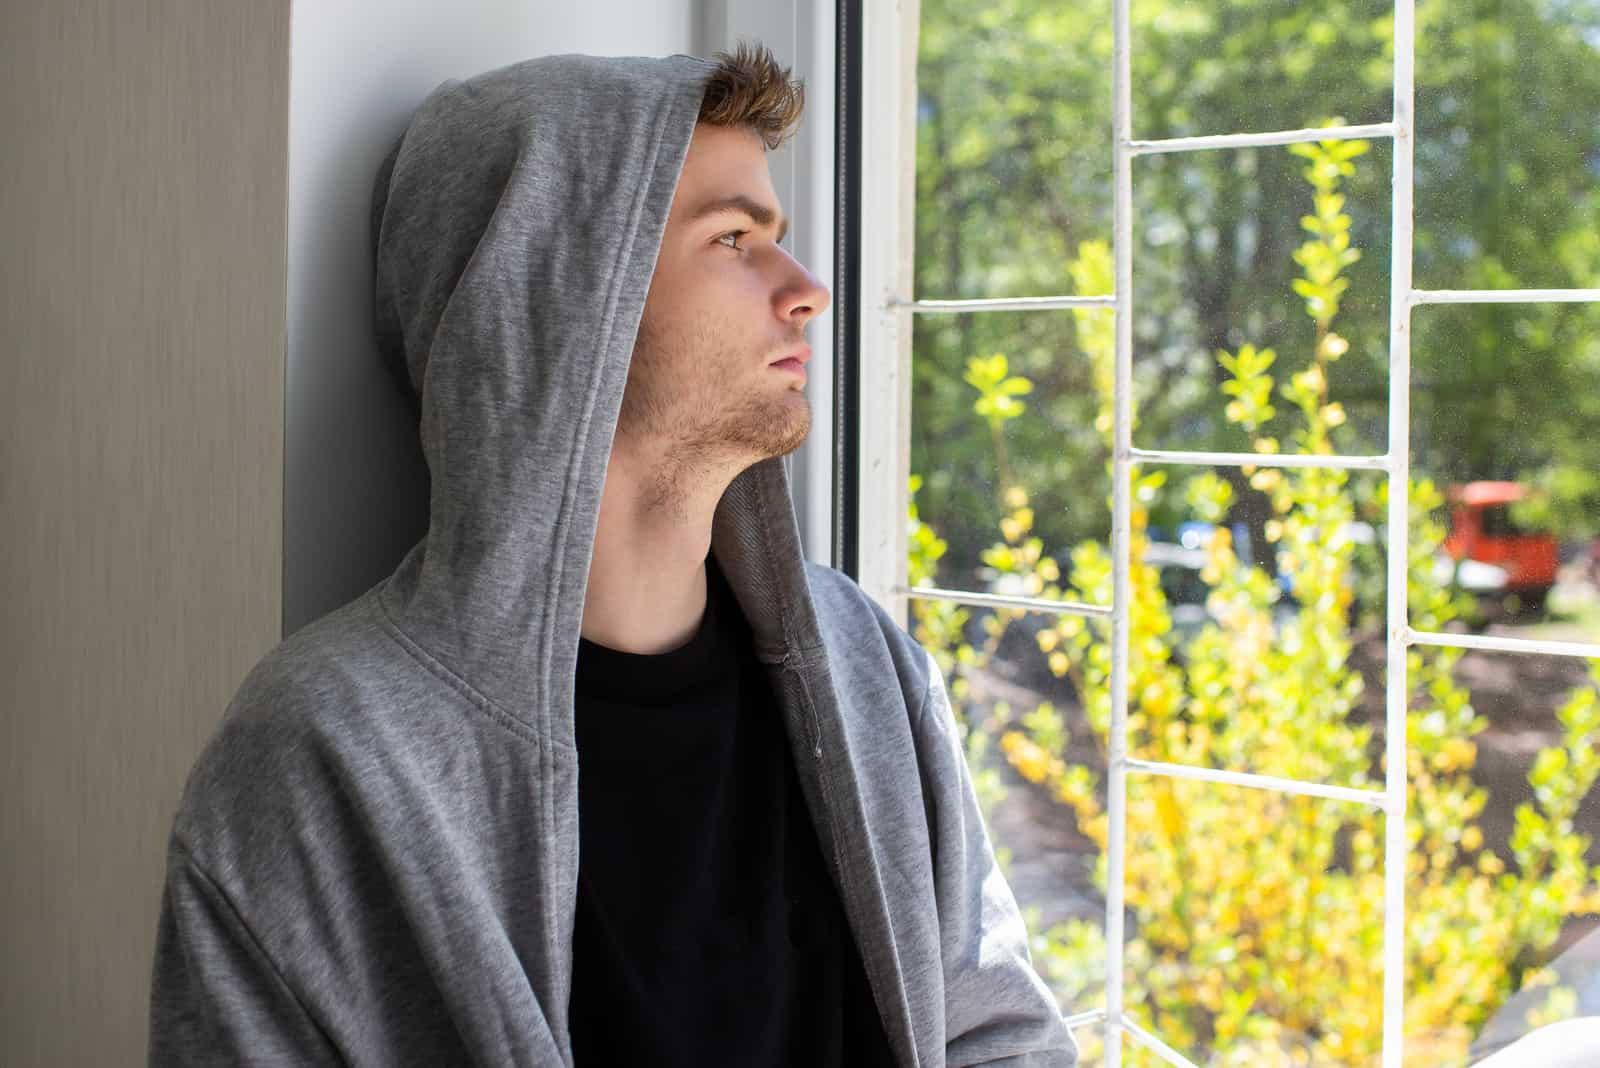 un homme imaginaire regarde par la fenêtre